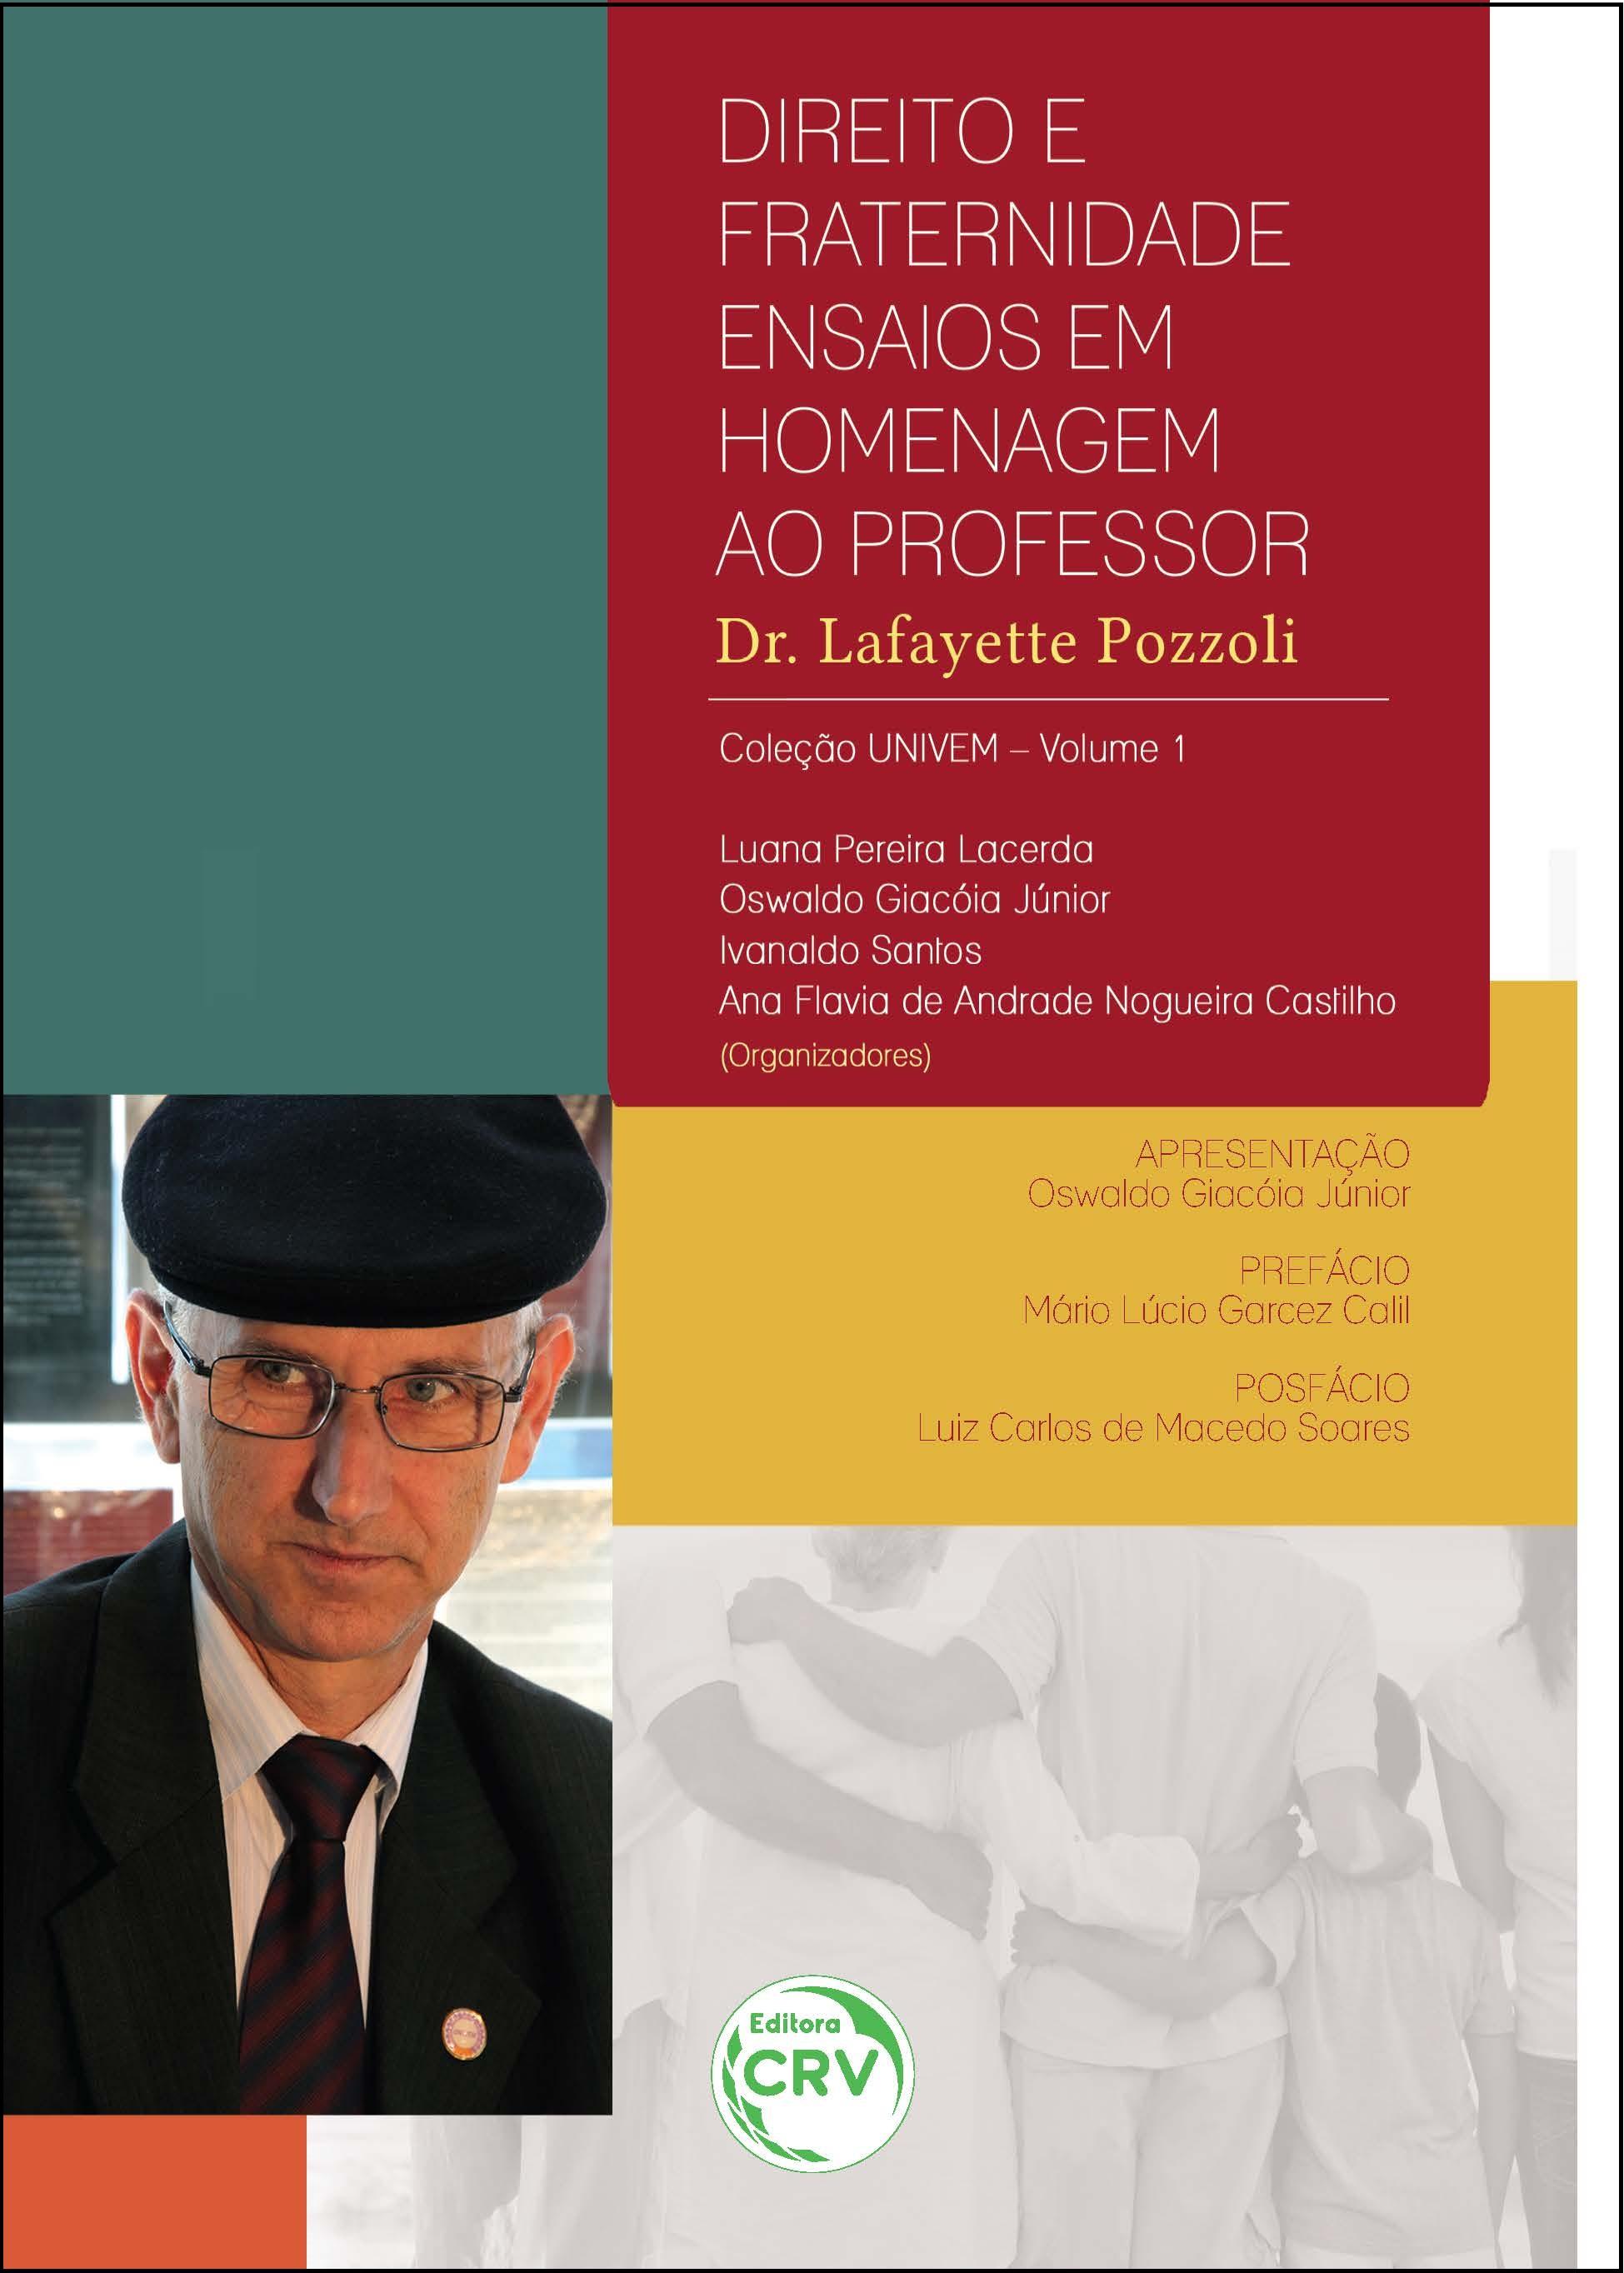 Capa do livro: DIREITO E FRATERNIDADE:<br>ensaios em homenagem ao Professor Dr. Lafayette Pozzoli